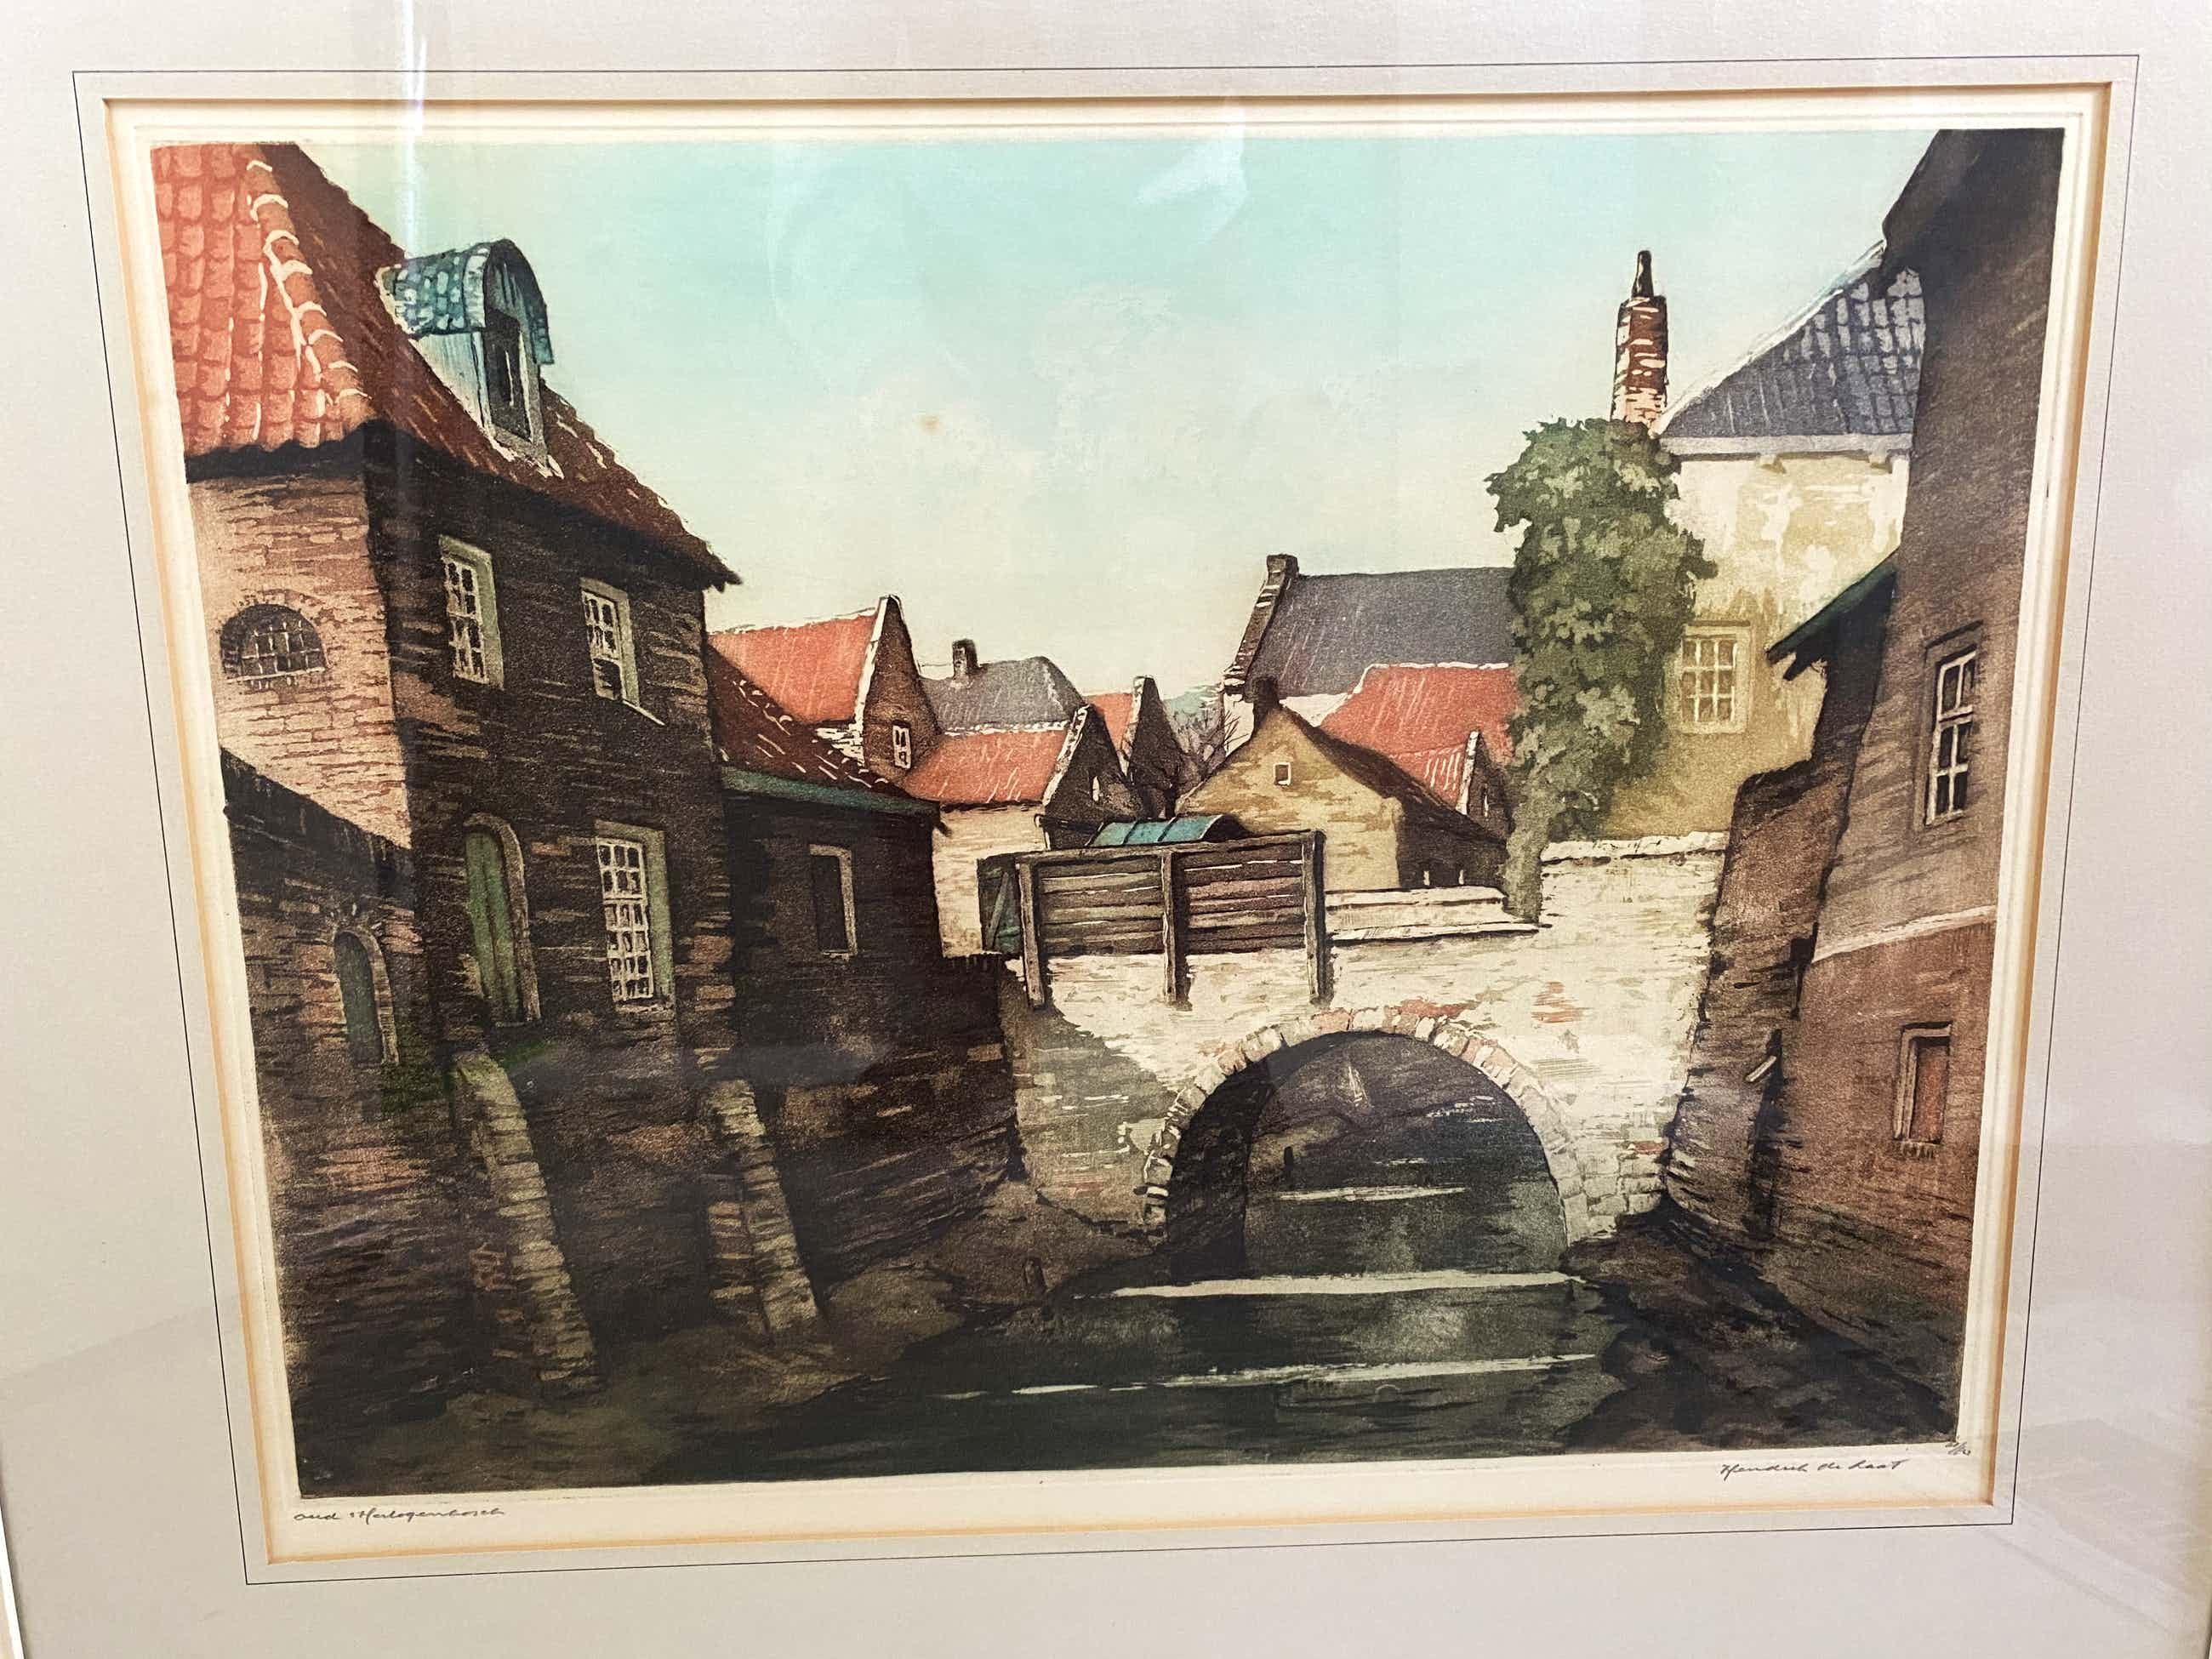 Hendrik de Laat - Oud s-hertogenbosch kopen? Bied vanaf 70!